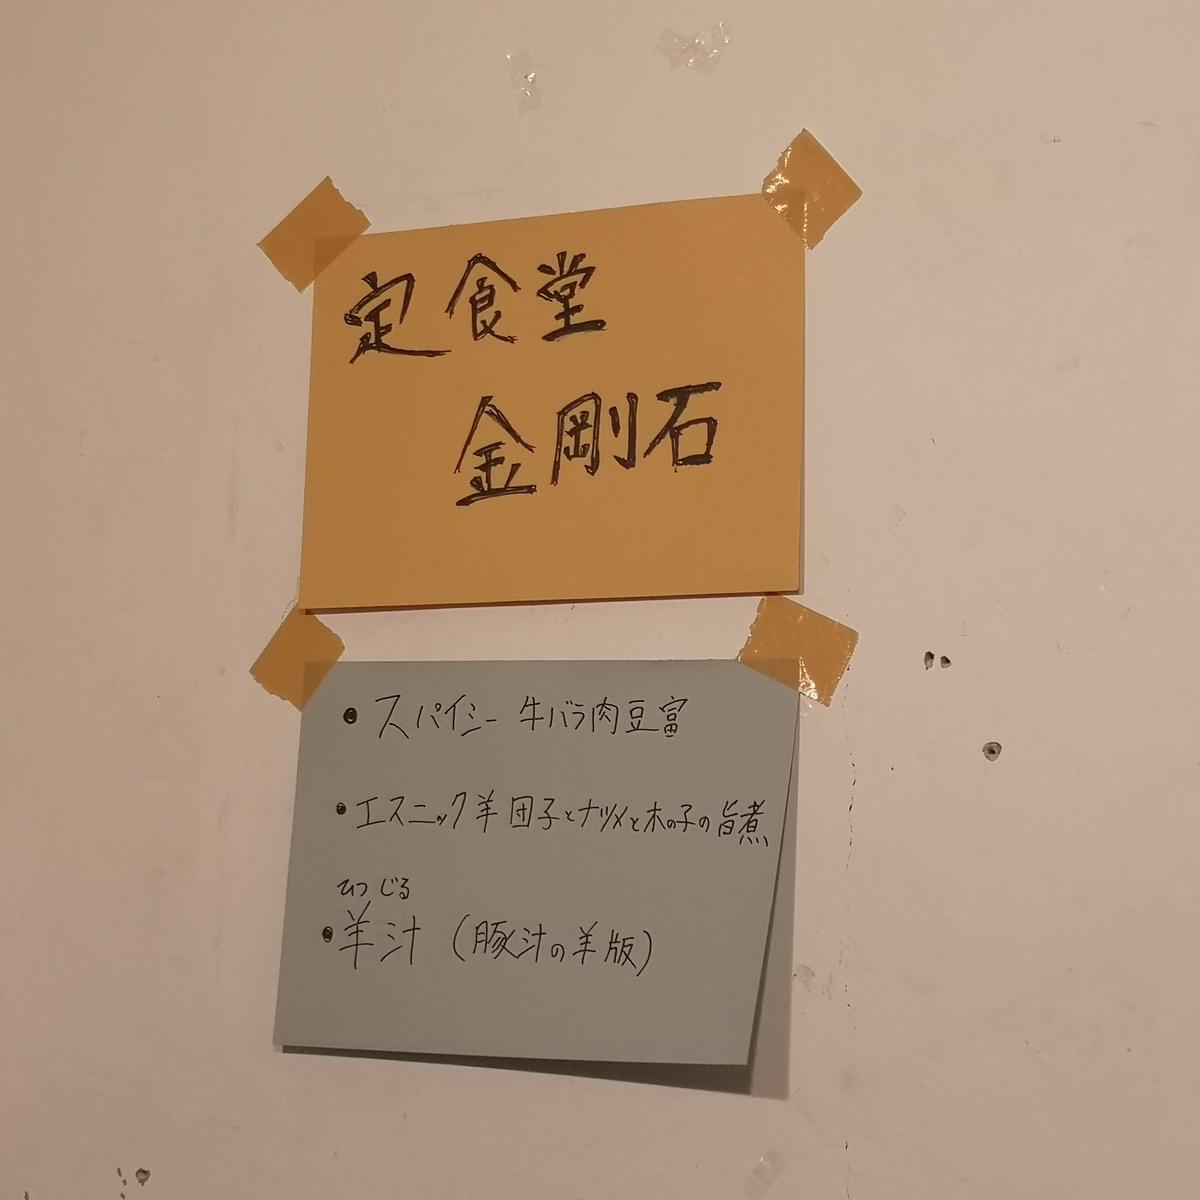 カレー事情聴取スパイス定食&バルVol.7 2019年10月22日 定食堂 金剛石 メニュー